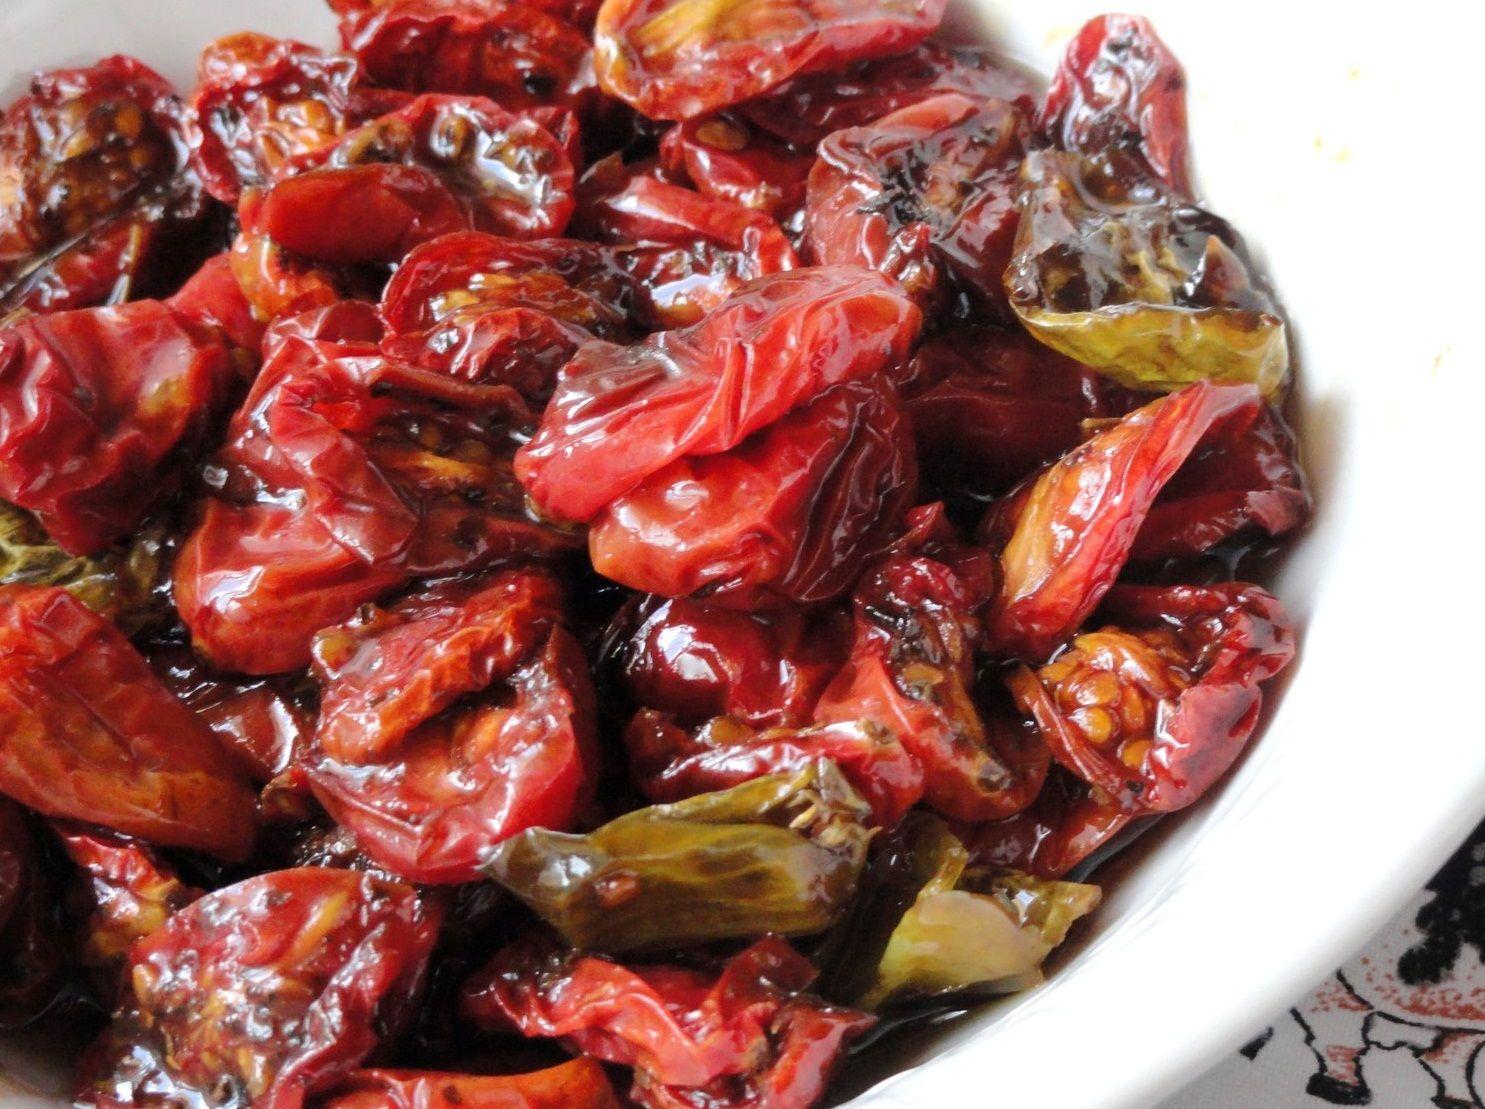 Tomate-Cereja e Pimenta-Cambuci Assados no Vinagre Balsâmico (vegan)